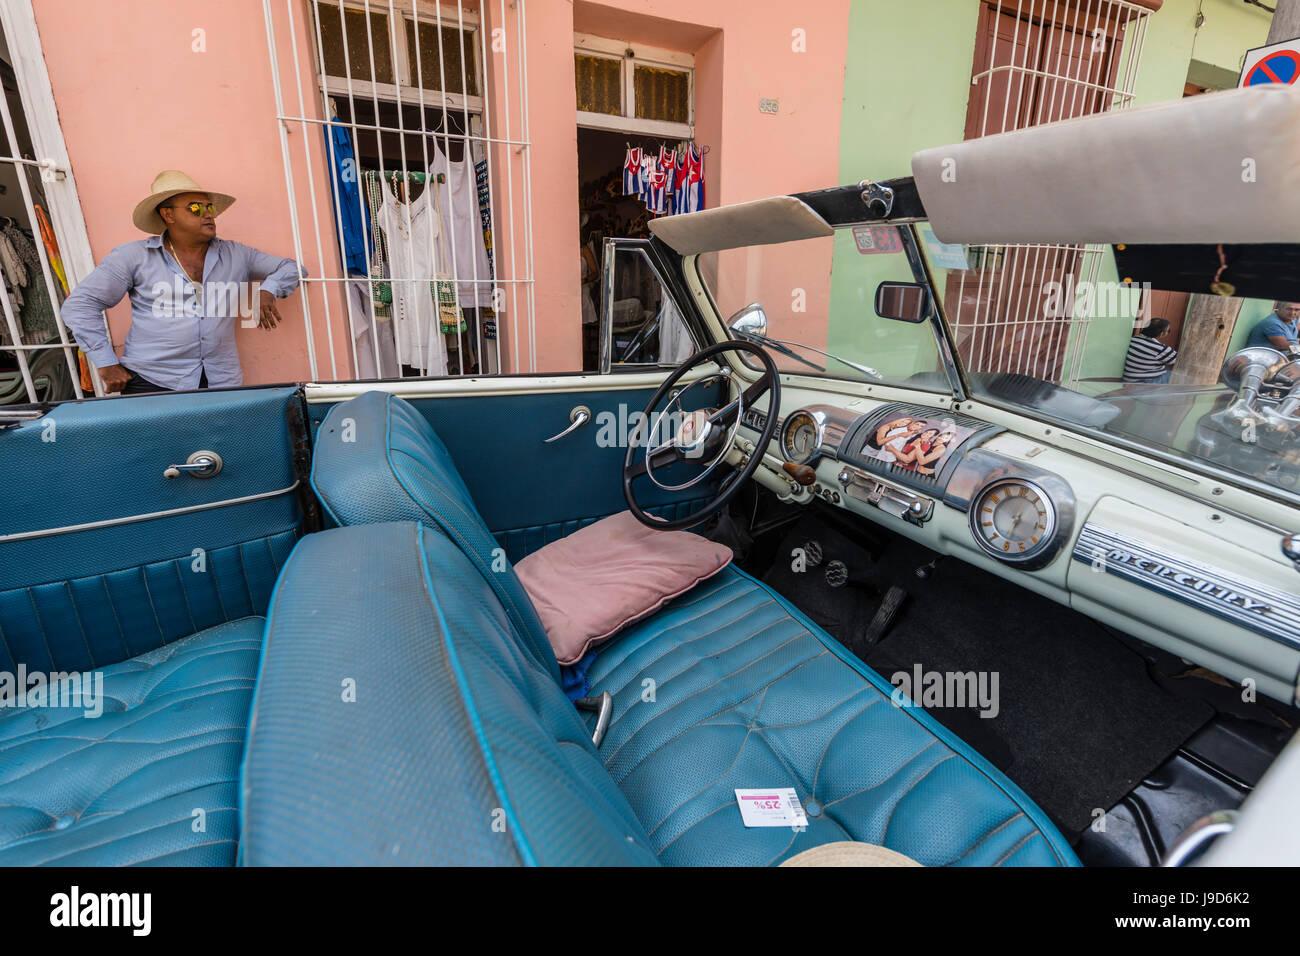 Ein Jahrgang 1948 Quecksilber acht amerikanische Auto arbeitet als ein Taxi in die Stadt Trinidad, Kuba, Karibik, Stockbild